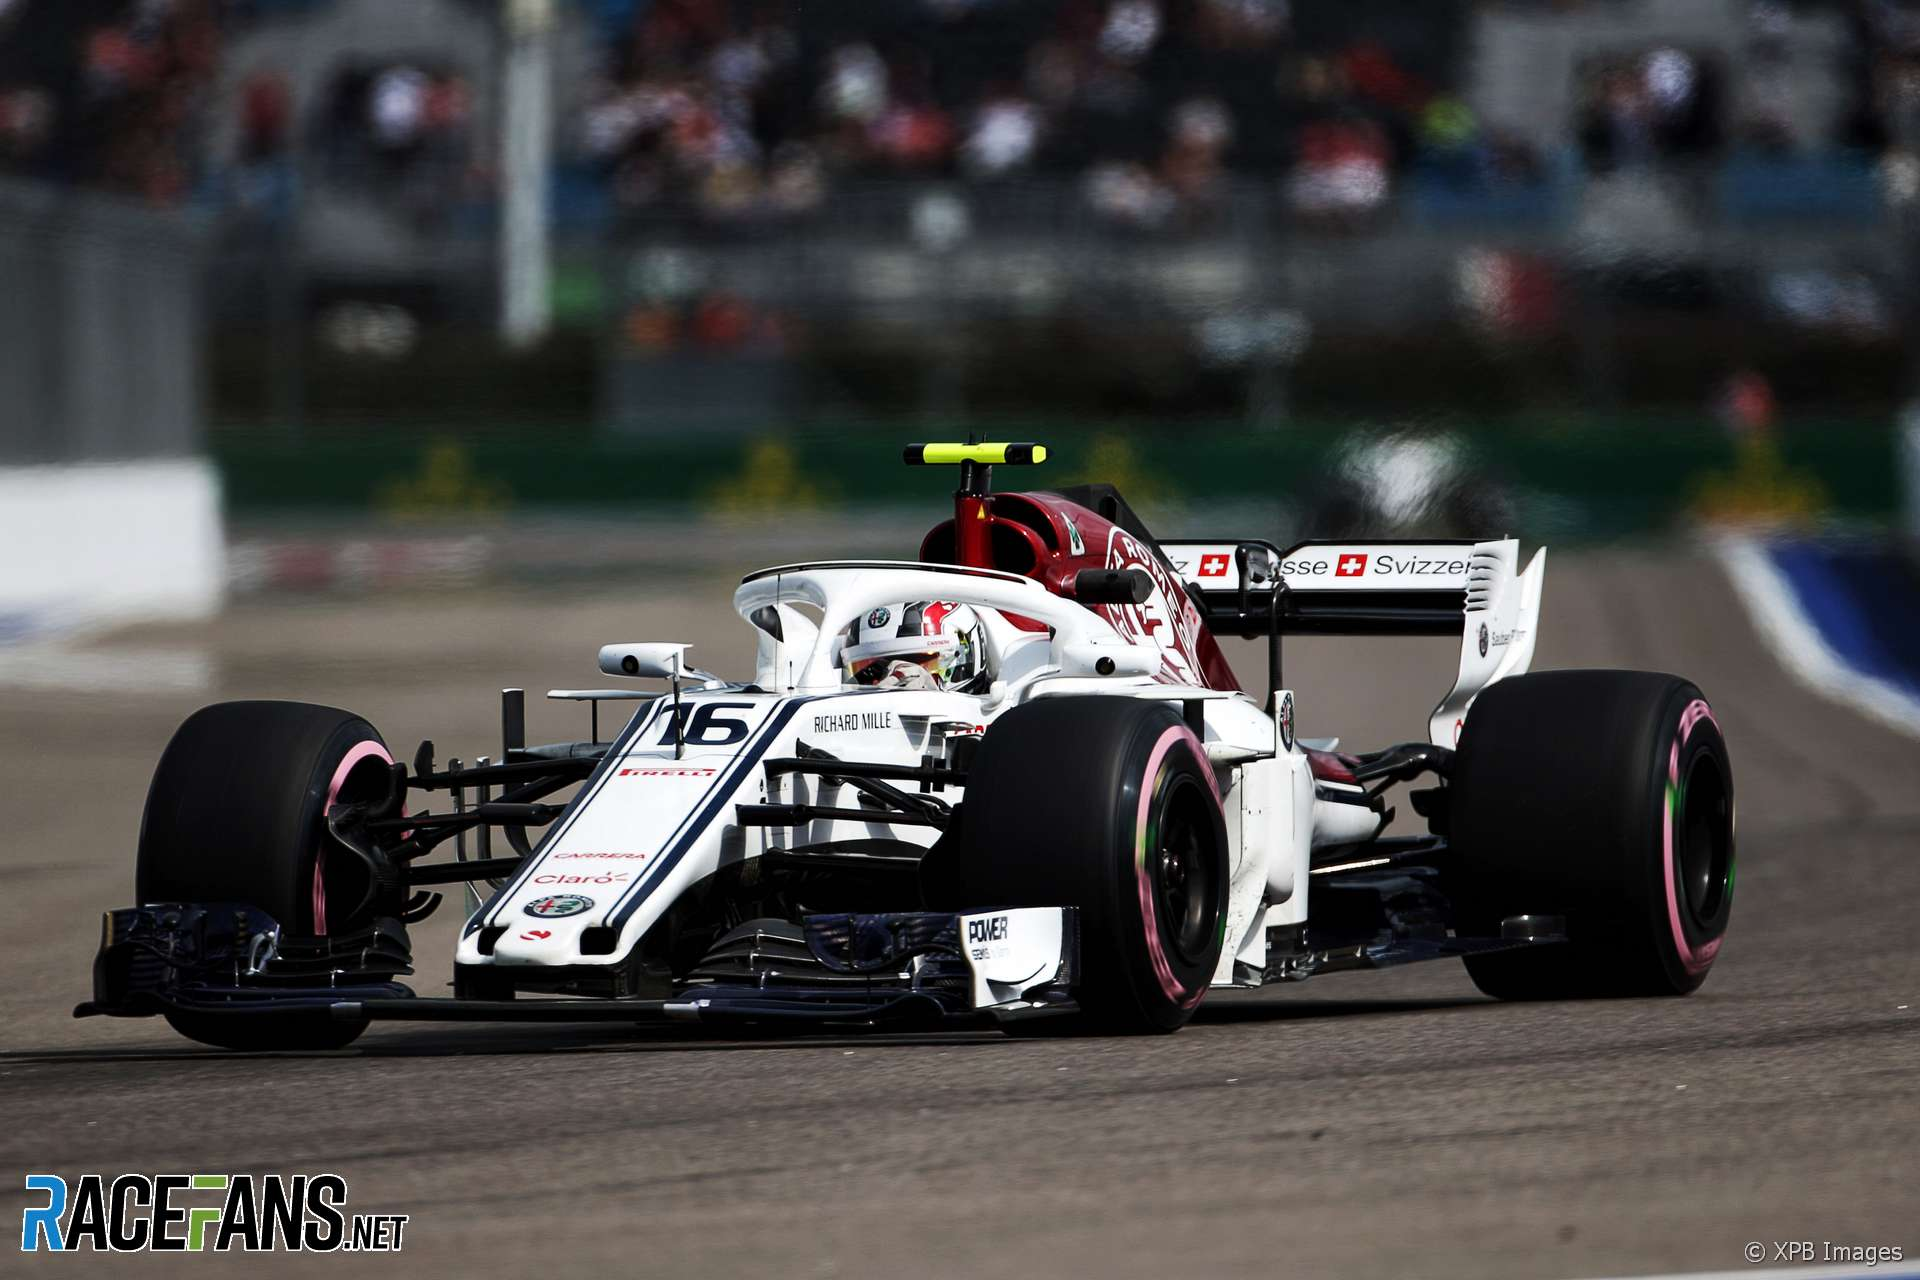 racefansdotnet-20180928-105640-49.jpg